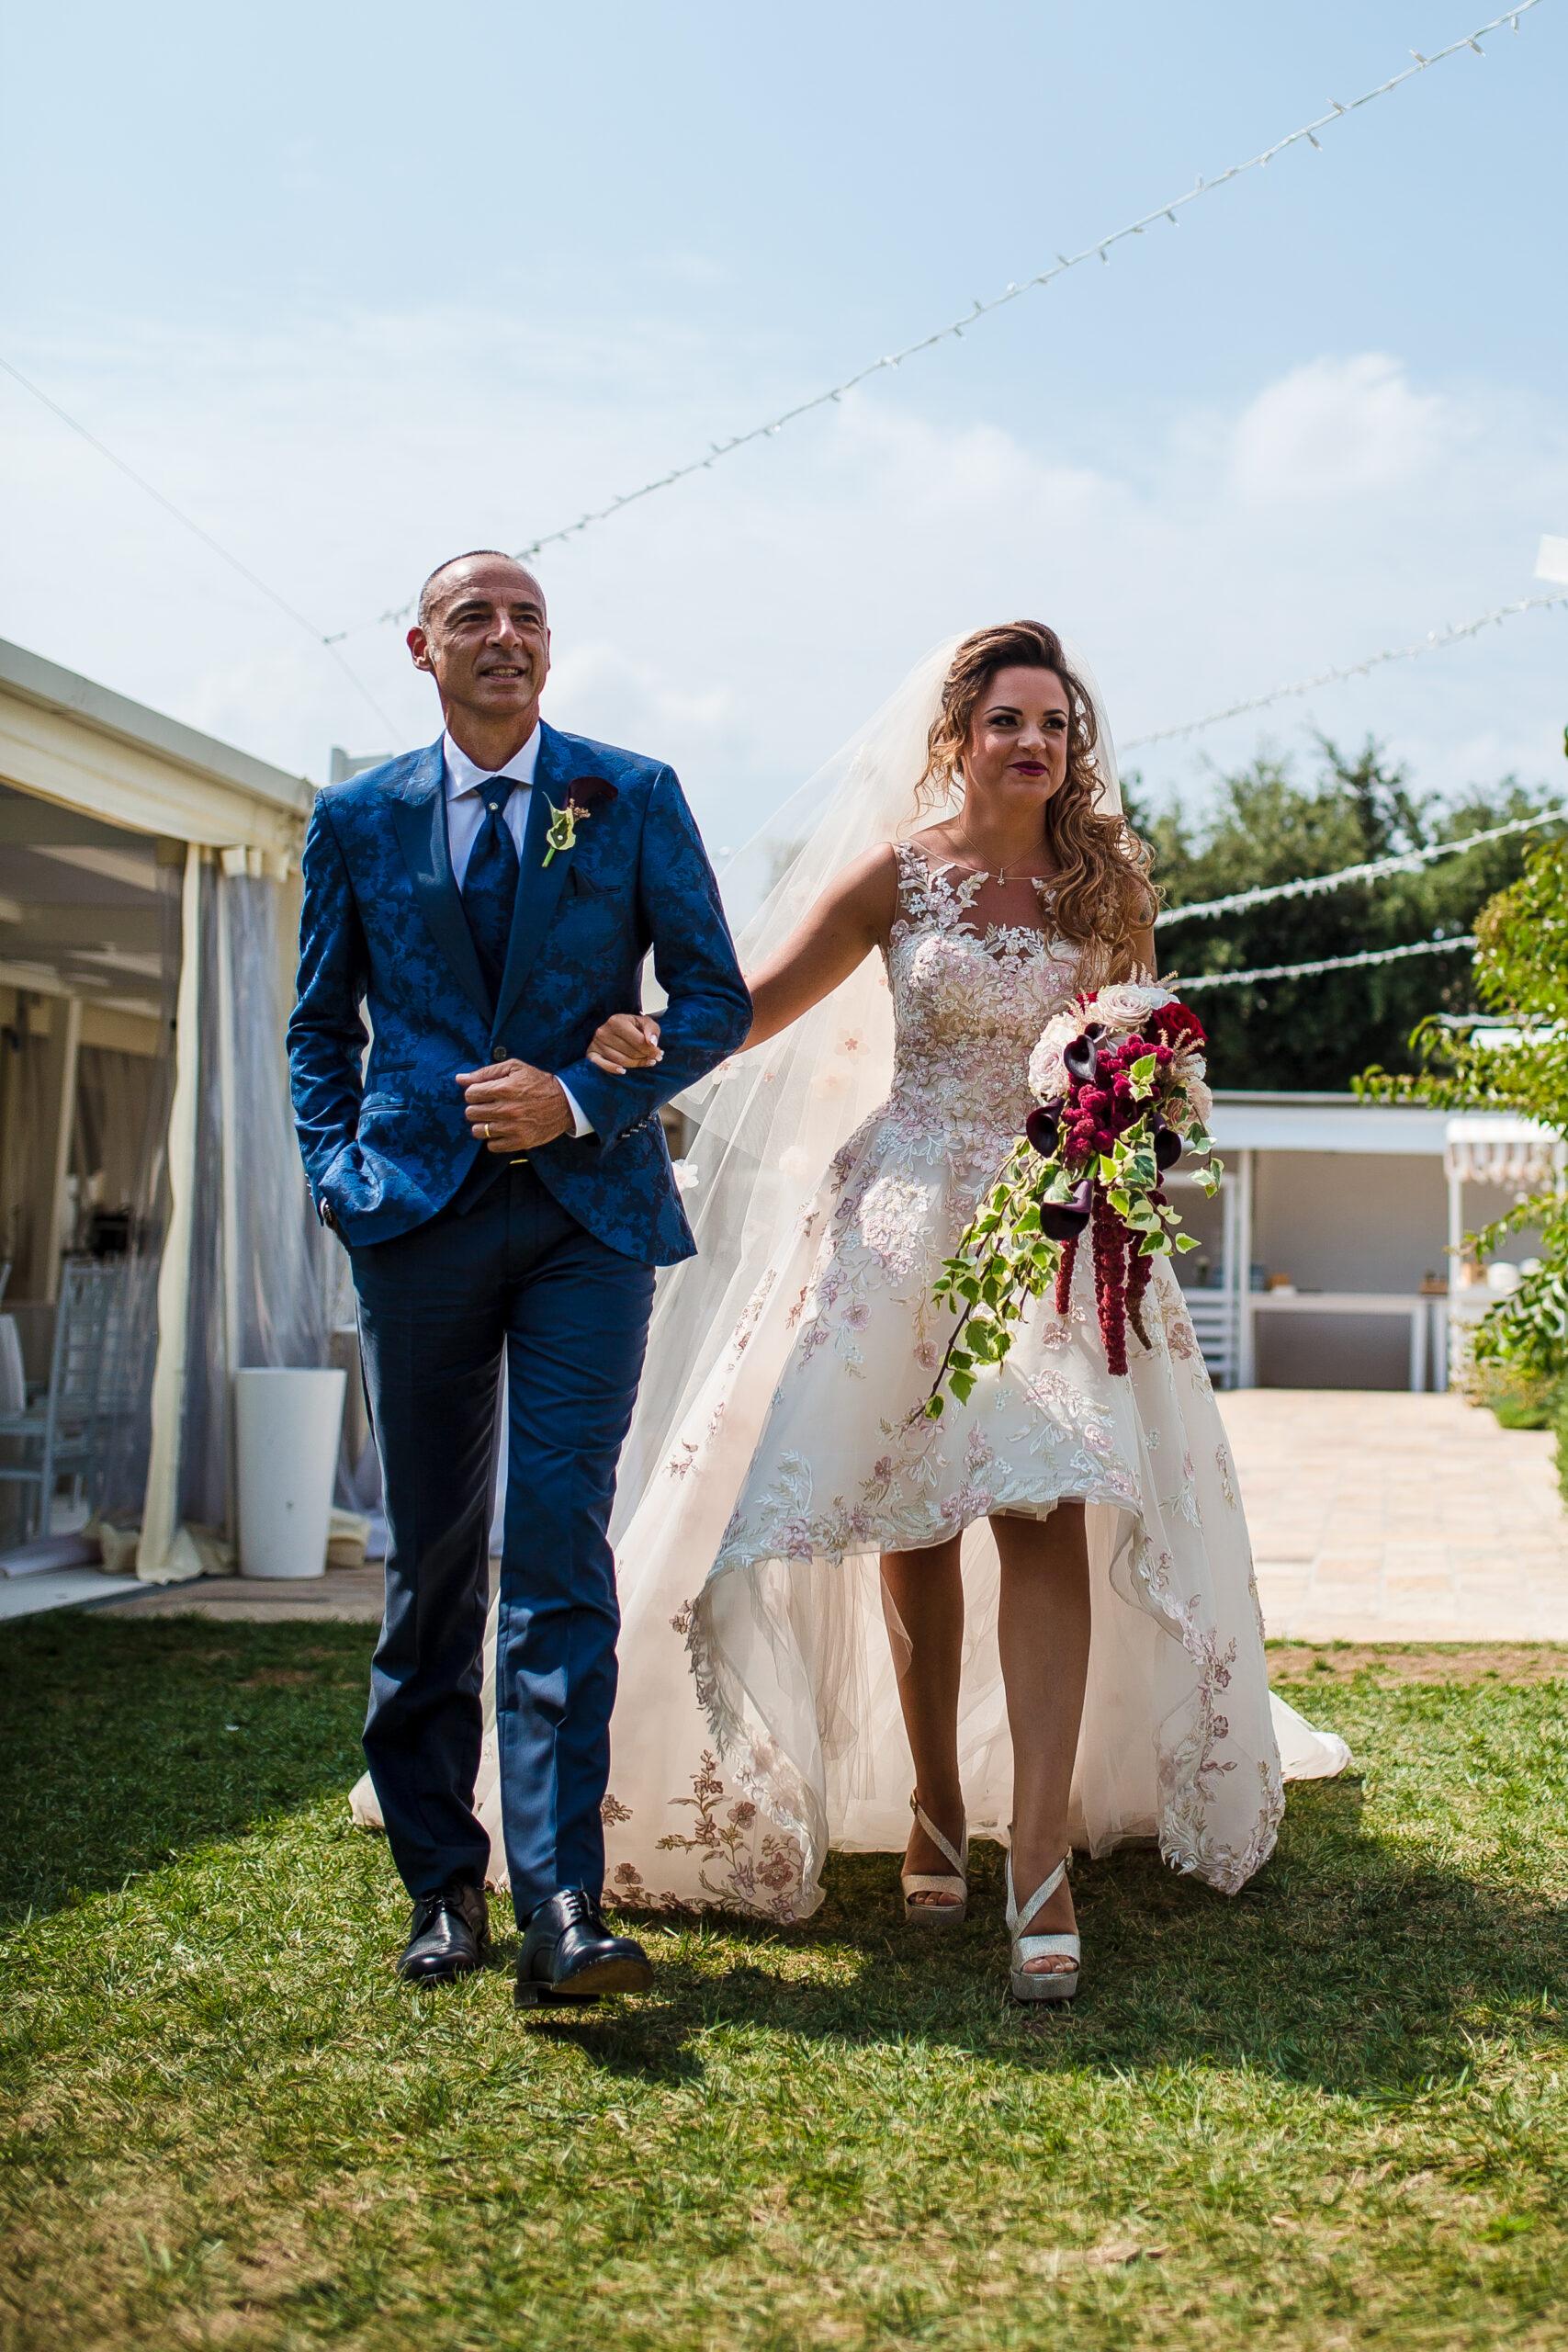 la sposa si avvicina allo sposo accompagnata dal padre